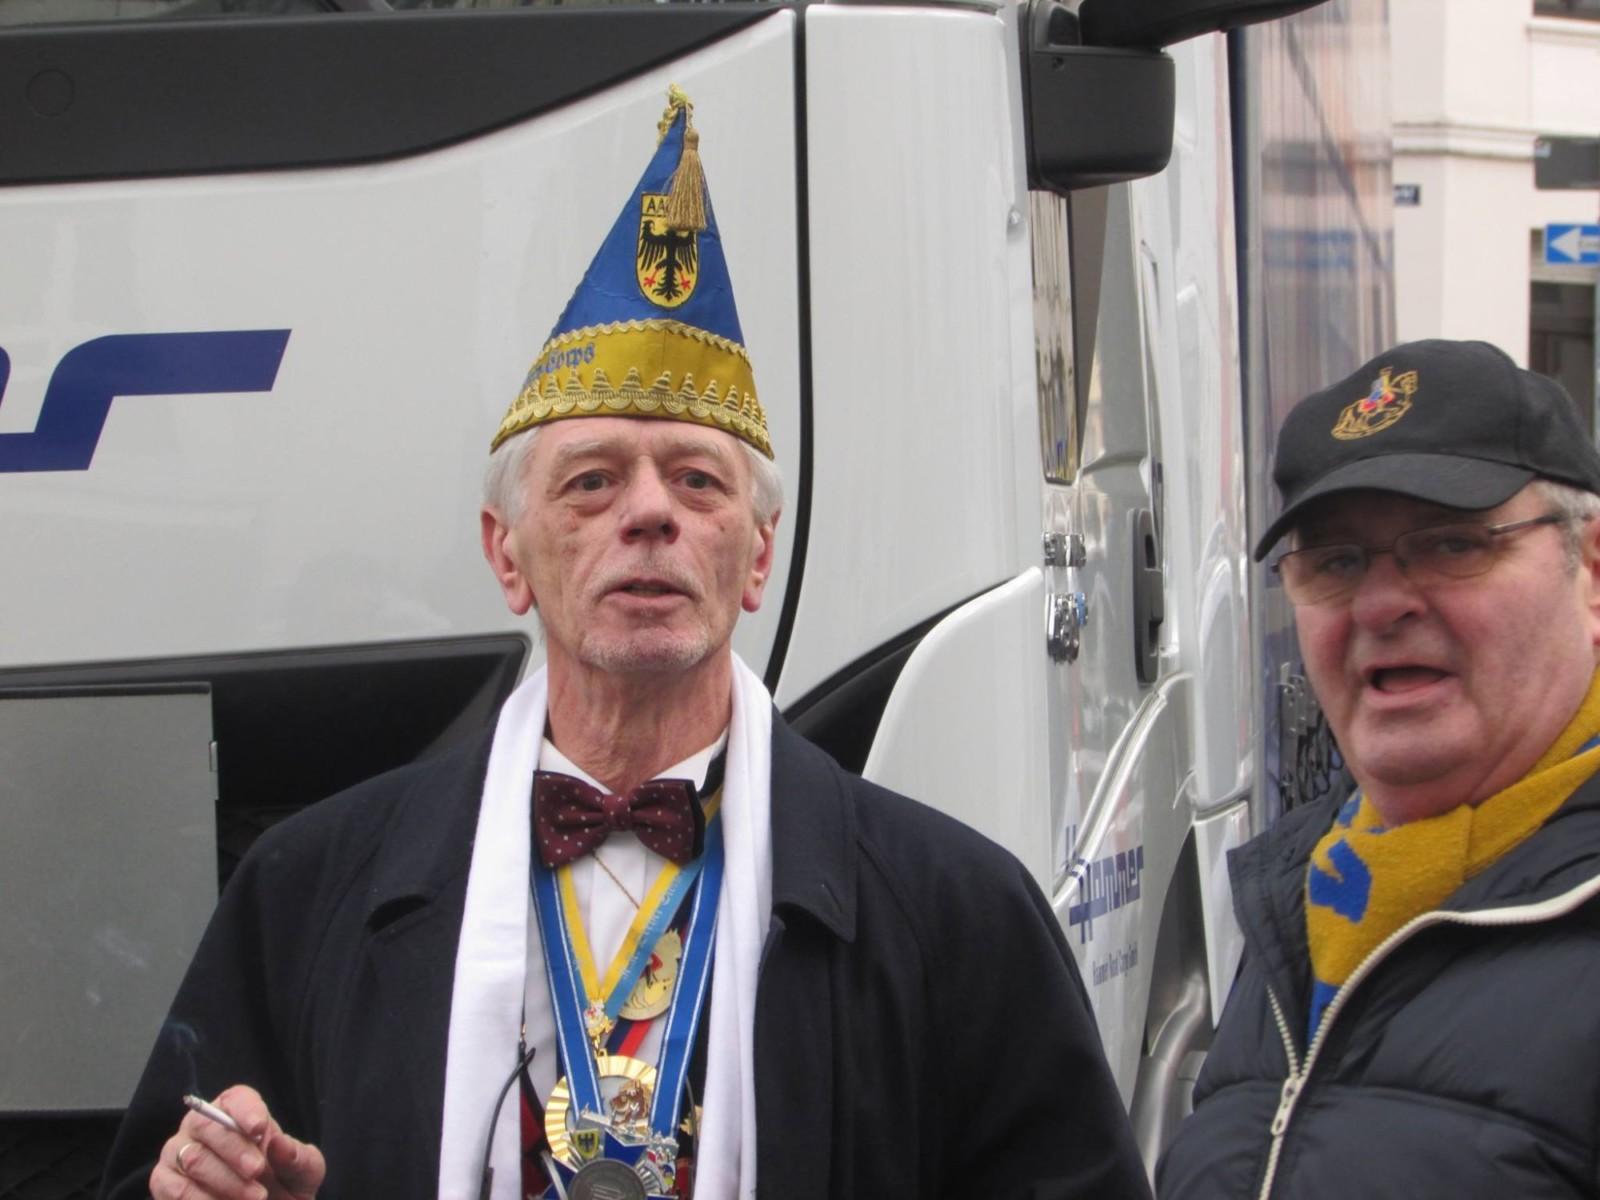 Herr Jurewicz in Action - Karneval am Neumarkt.